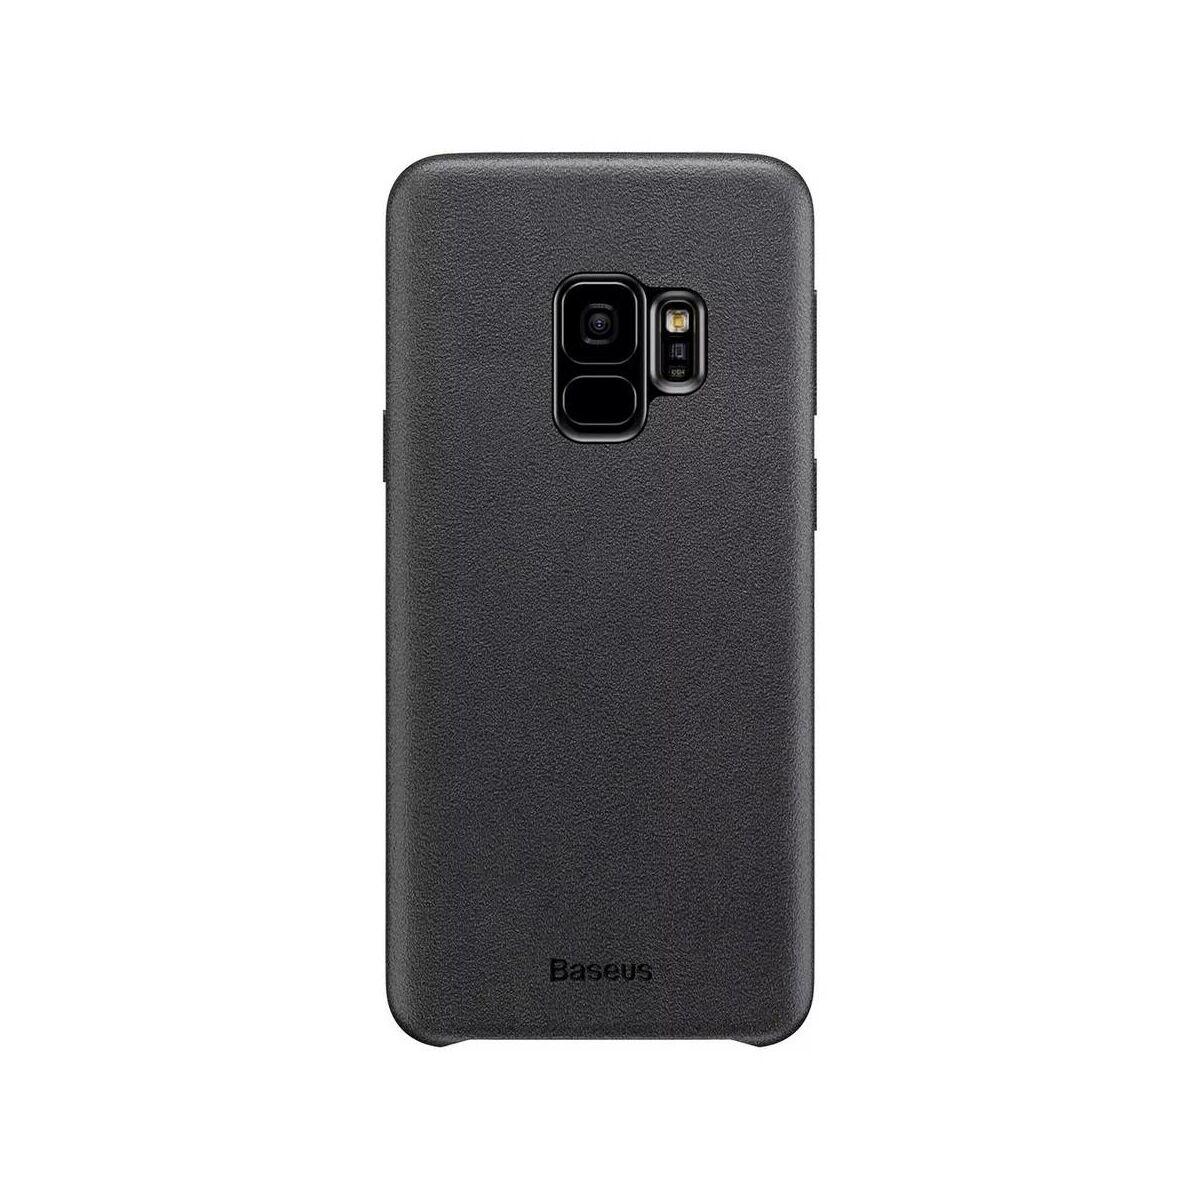 Baseus Samsung S9 Plus tok, Original, fekete (WISAS9P-YP01)